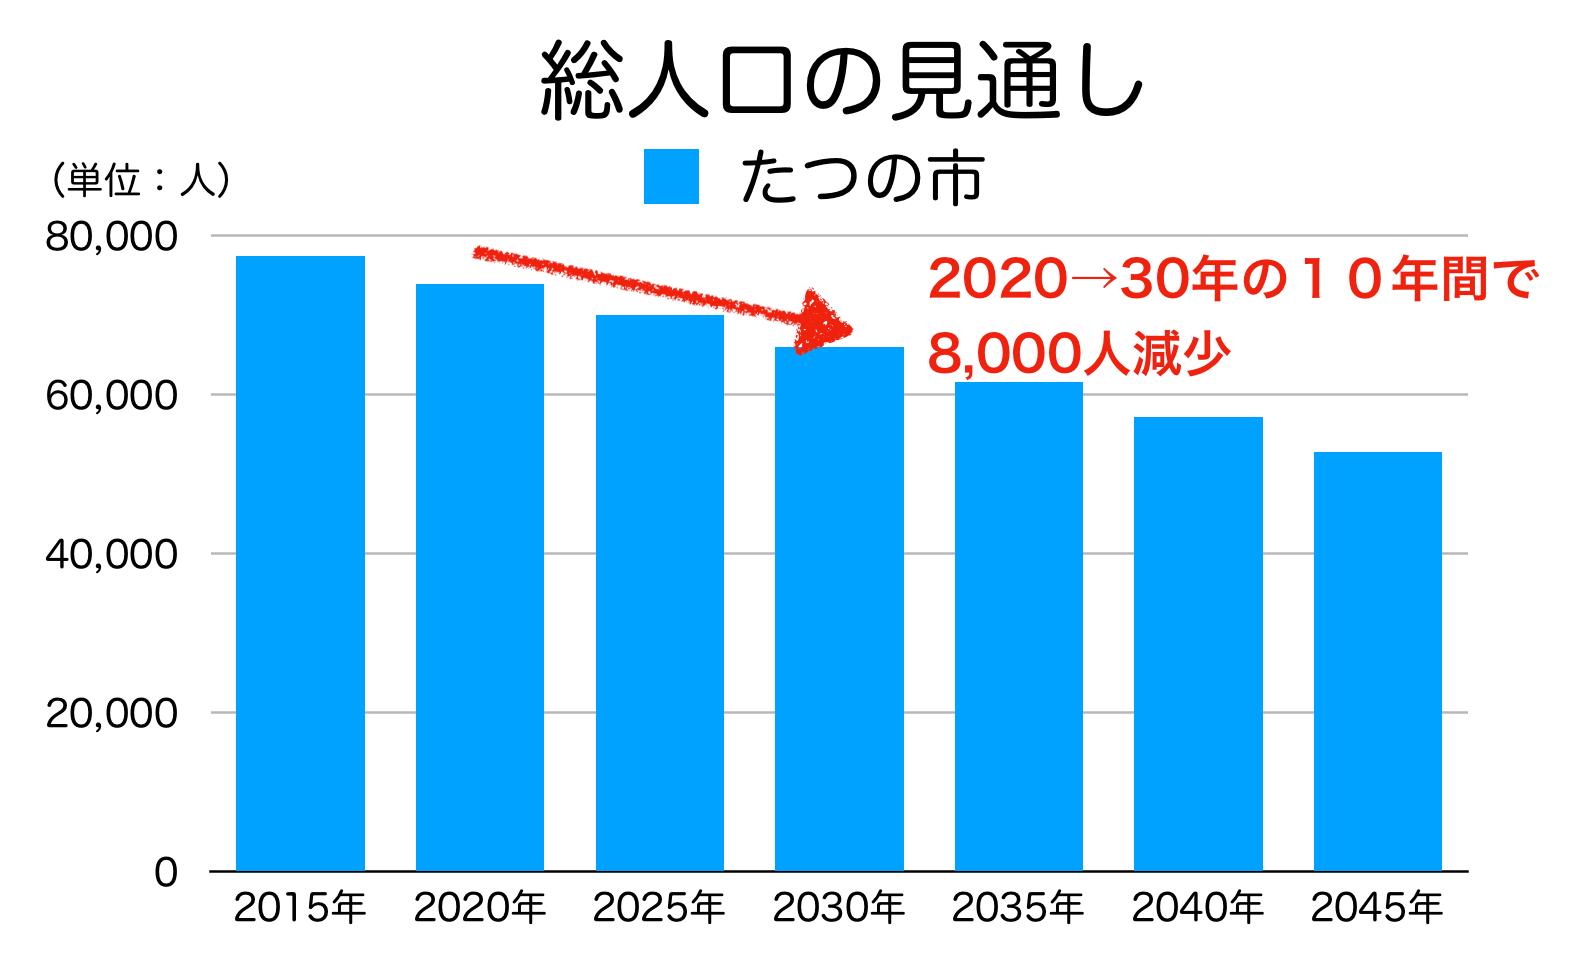 たつの市の人口予測